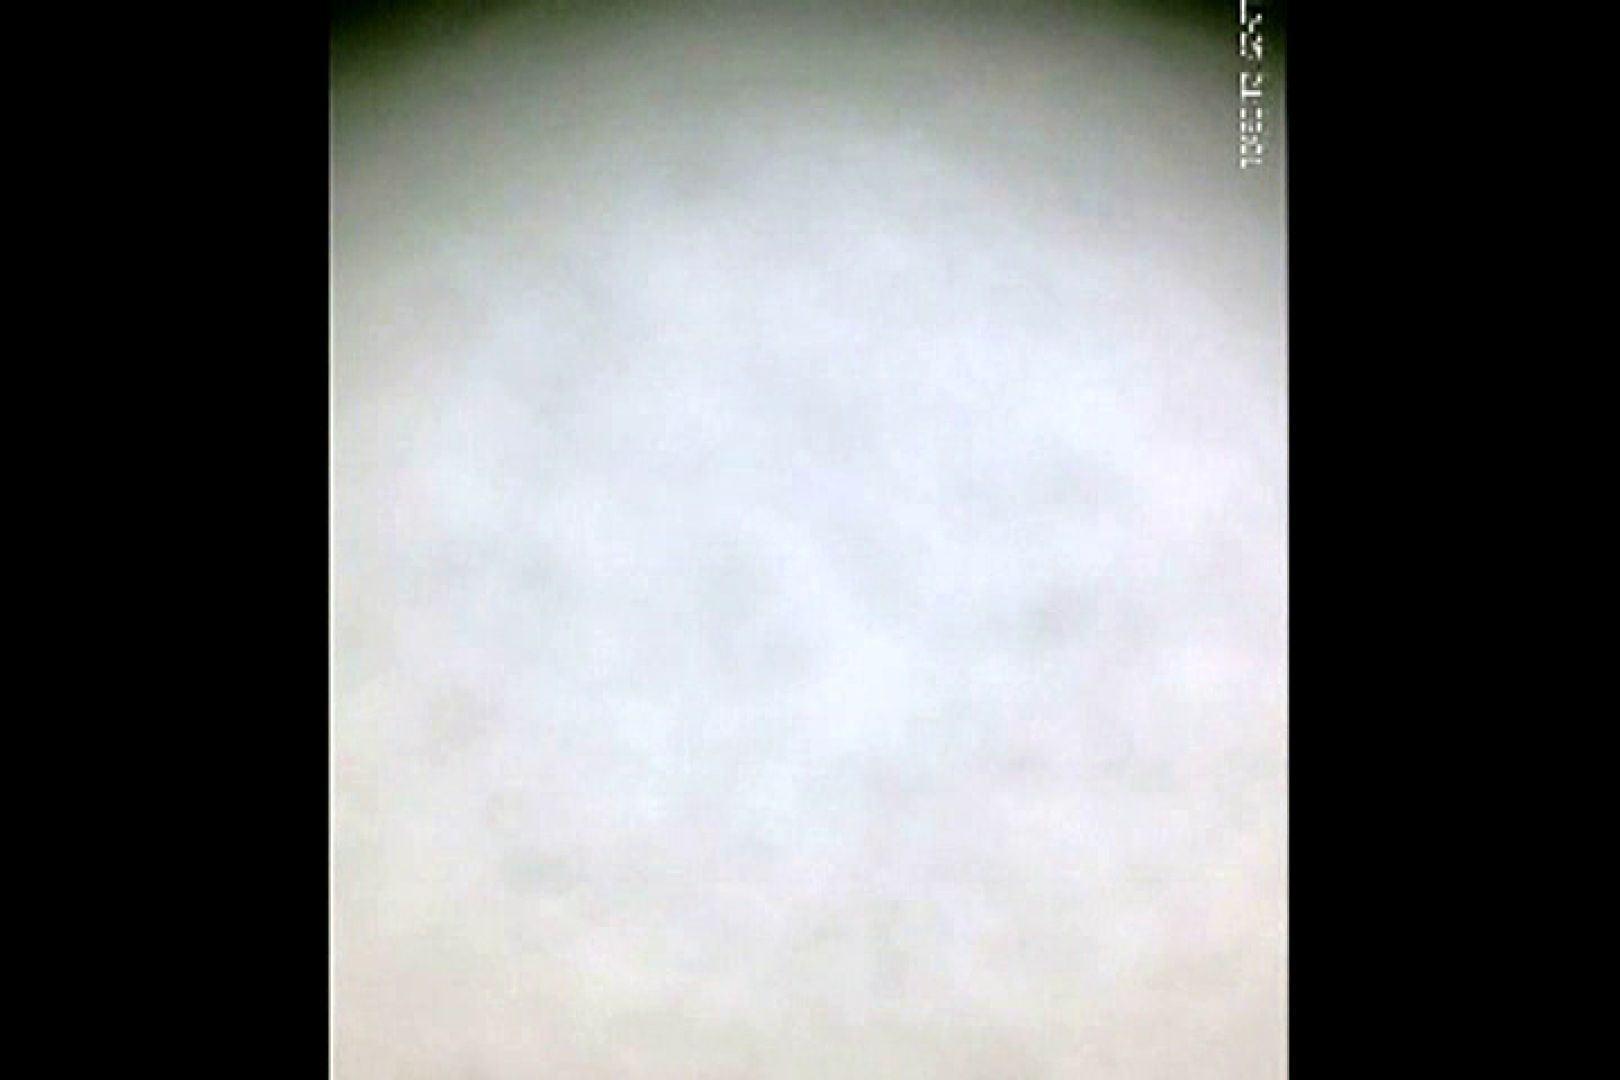 美女洗面所!痴態の生現場その09 プライベート エロ無料画像 102画像 77